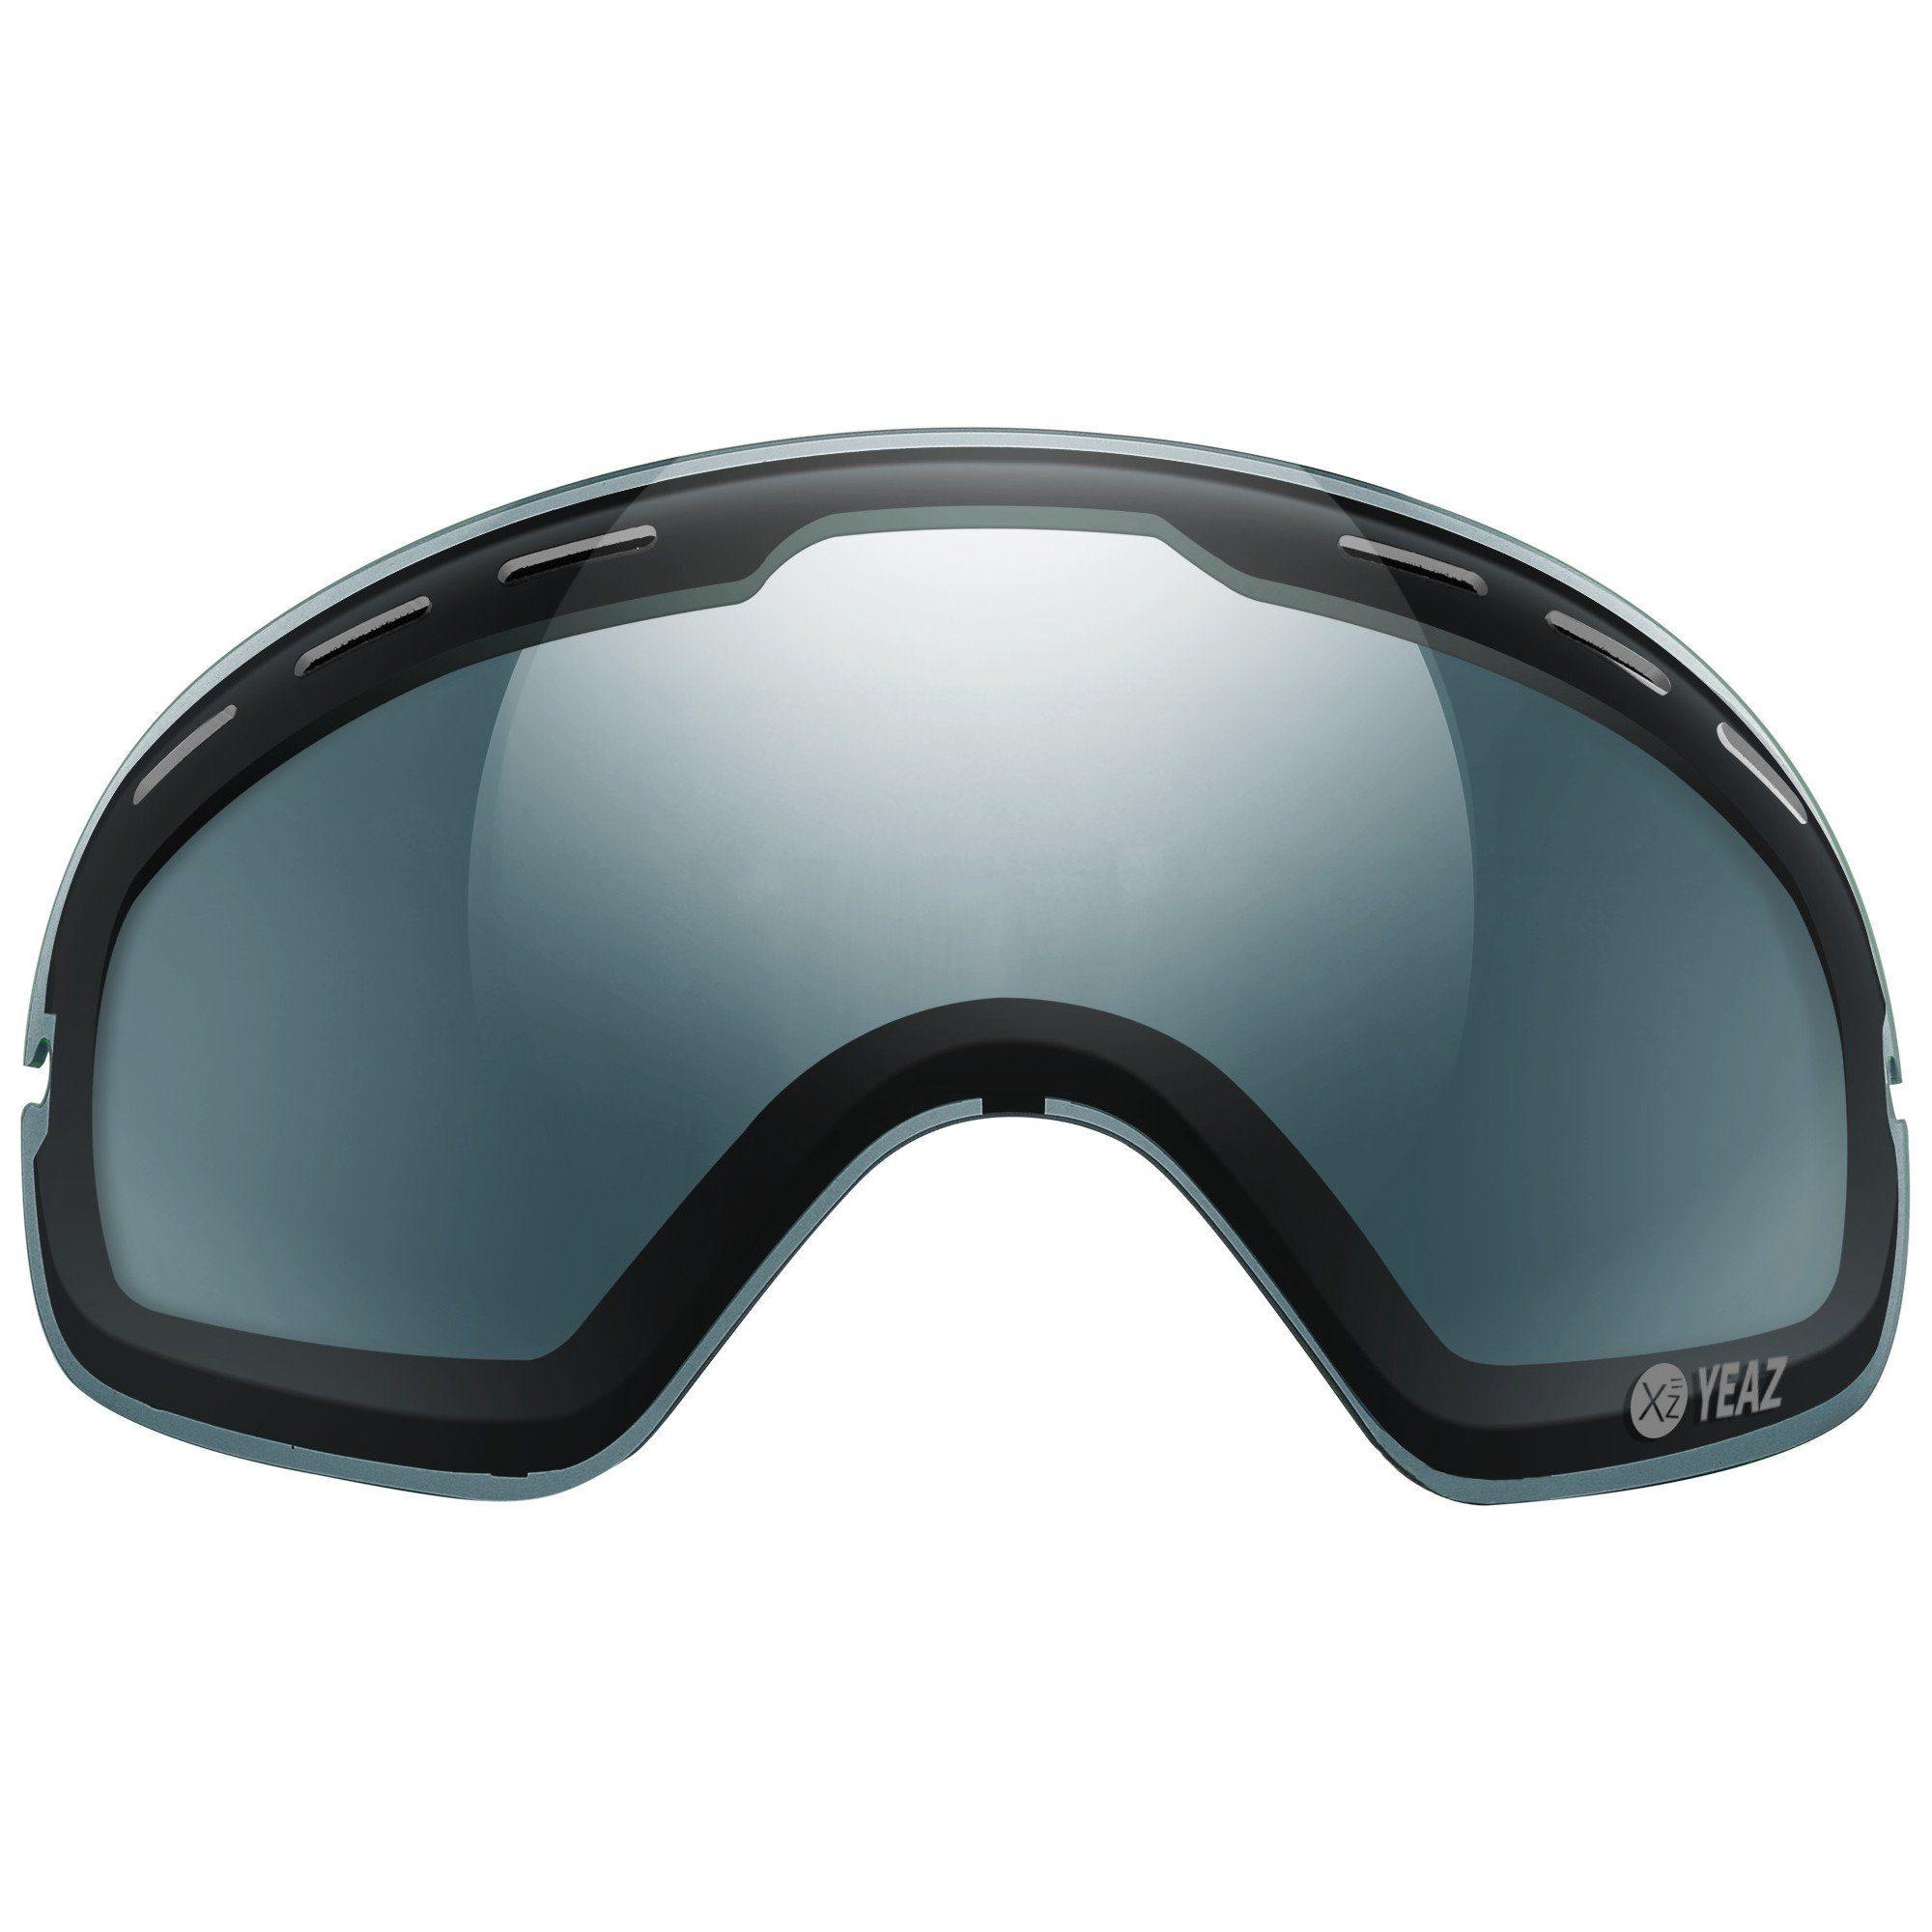 YEAZ Skibrille »XTRM-SUMMIT POLARIZE Polarisierte Linse für XTRM-SUMMIT Brillen mit Rahmen«